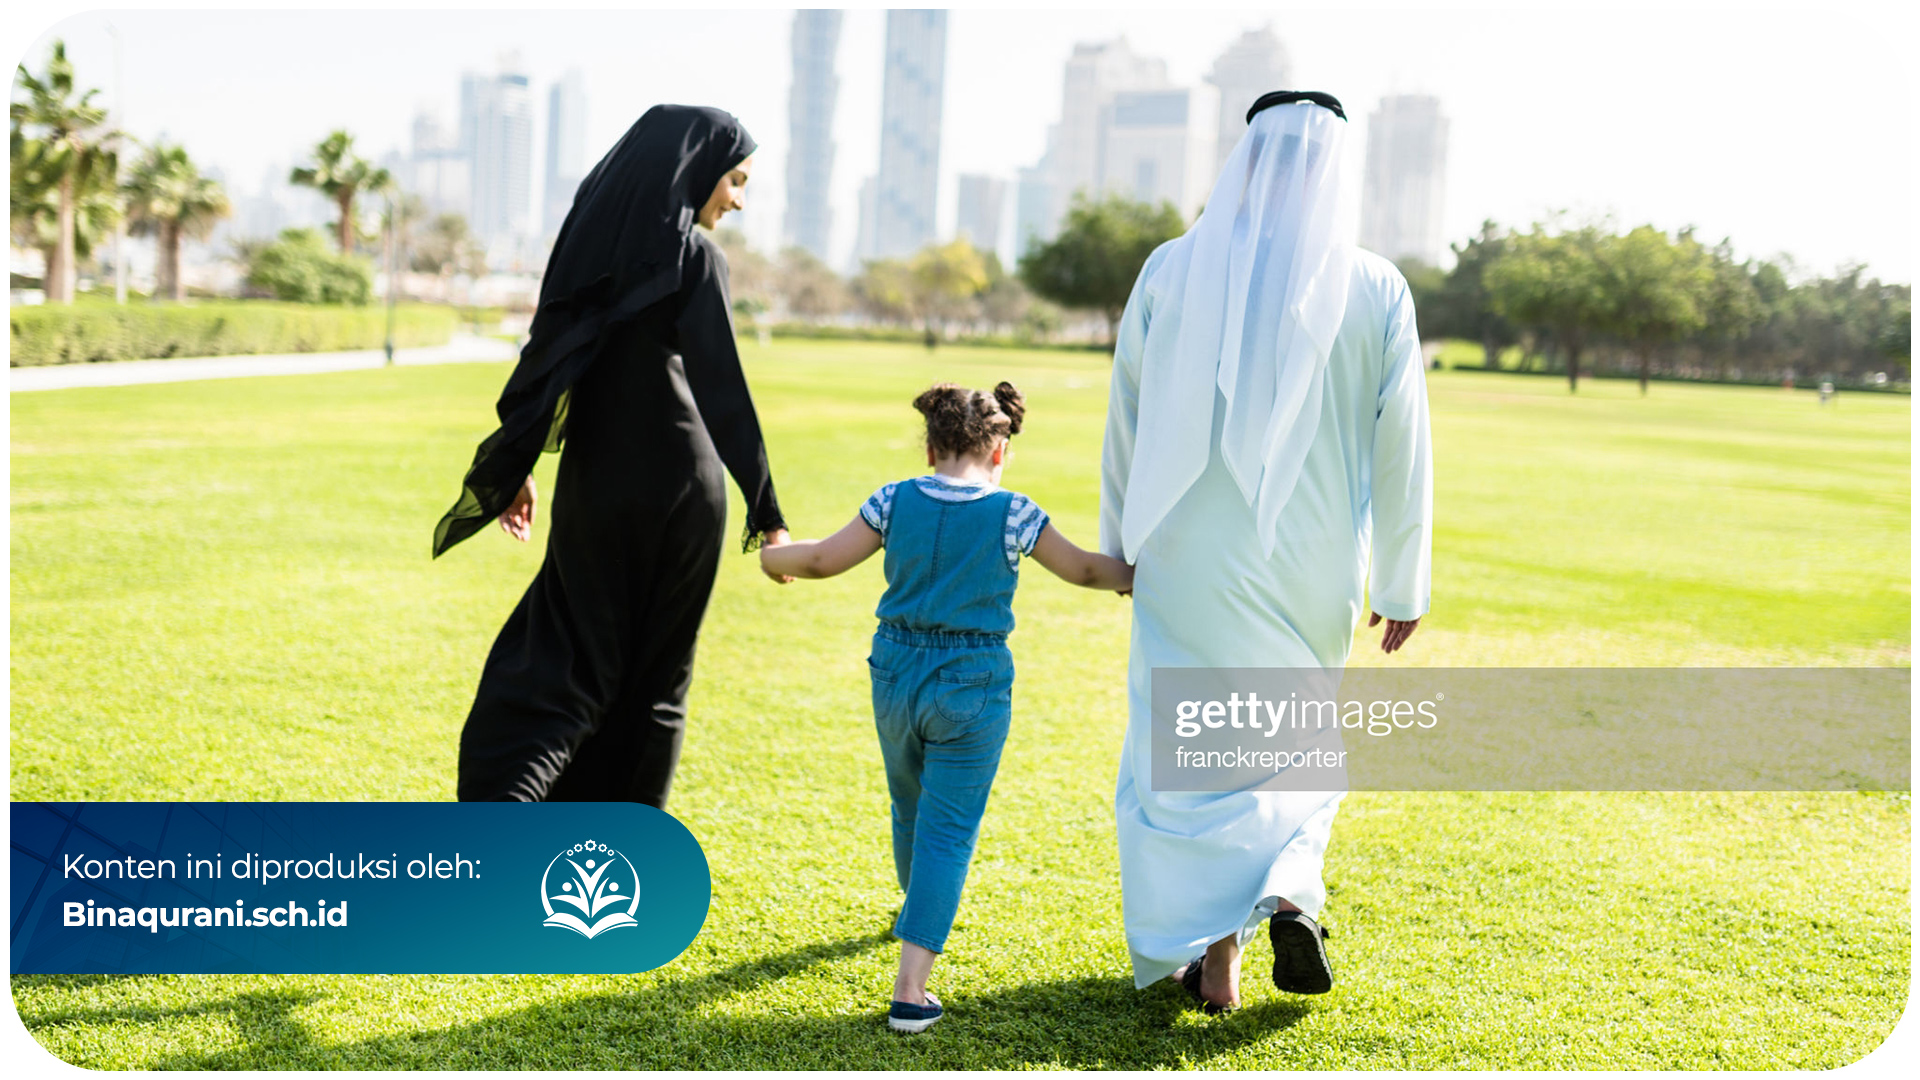 Bina-Qurani-Cara-Berbakti-Kepada-Orang-Tua-Yang-Masih-Hidup